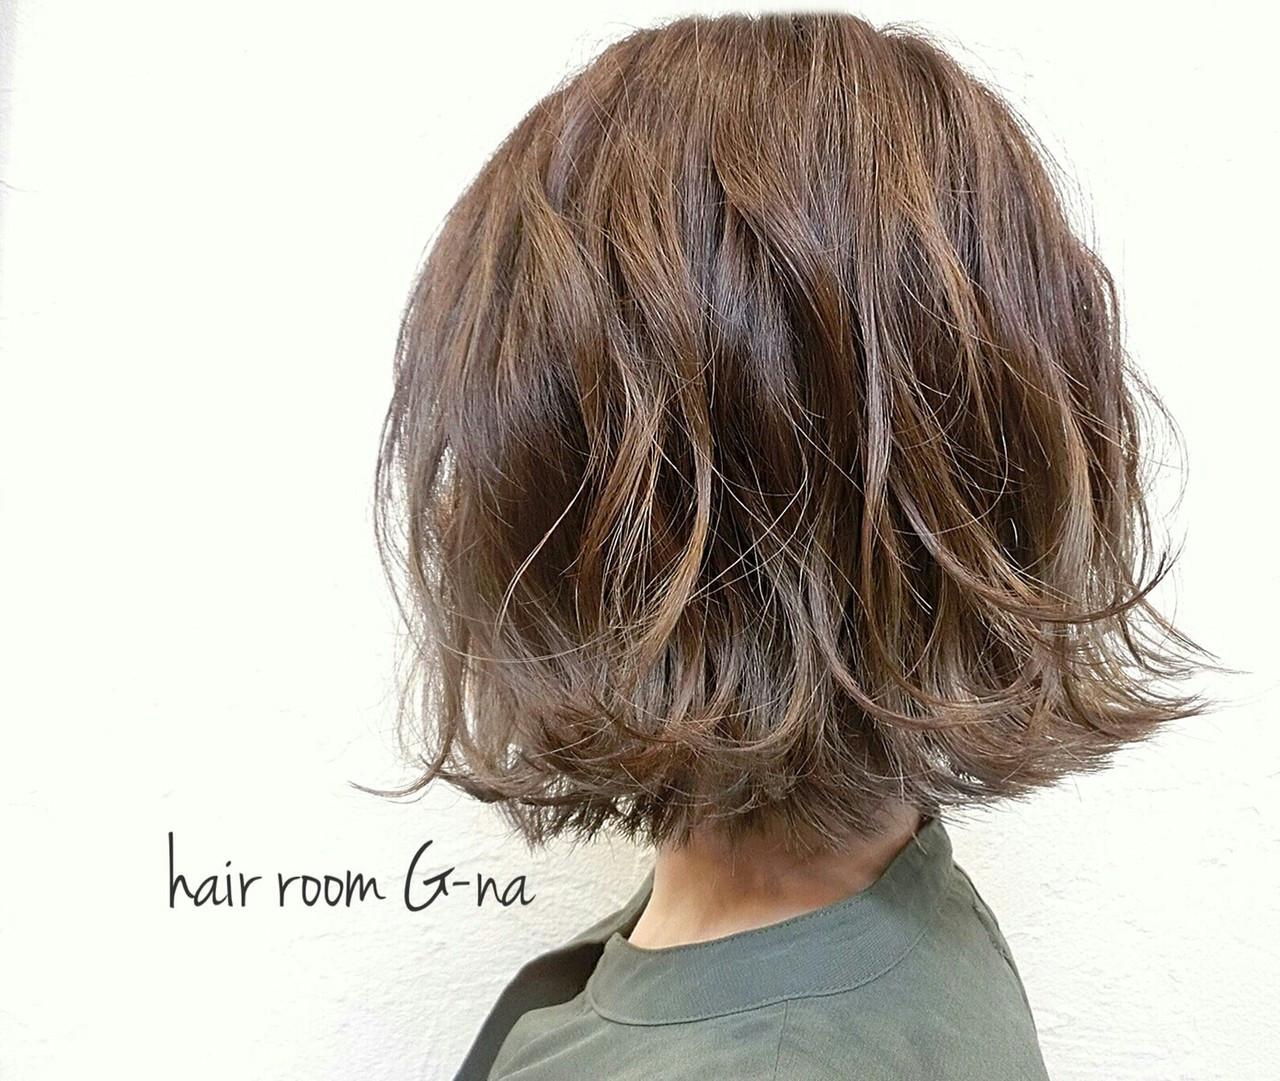 グラデーションカラー 大人かわいい ナチュラル グレージュ ヘアスタイルや髪型の写真・画像